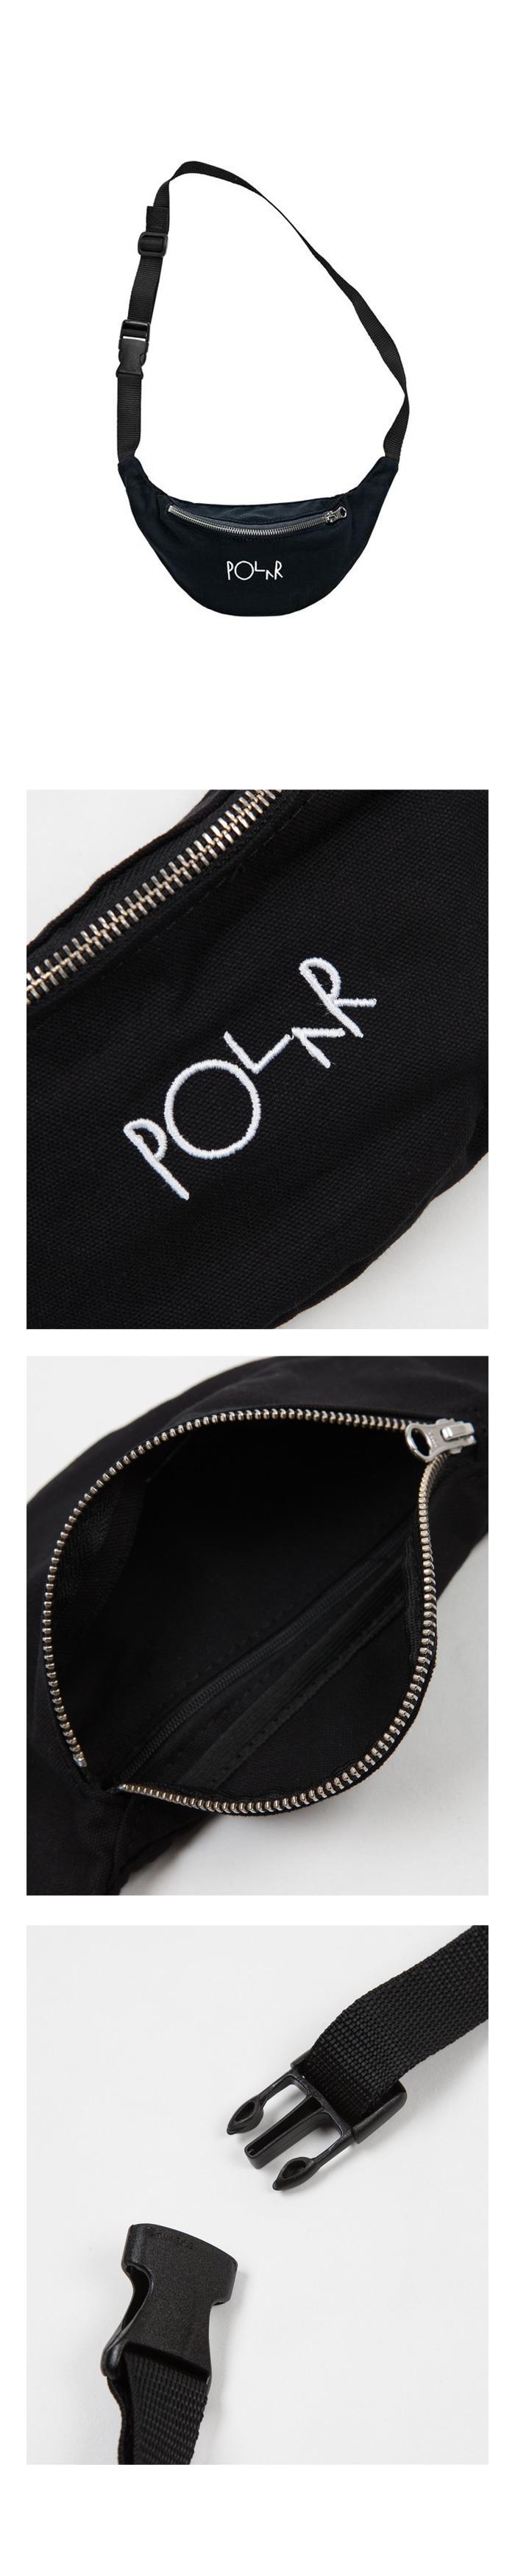 폴라(POLAR) Script Logo Hip Bag - Black